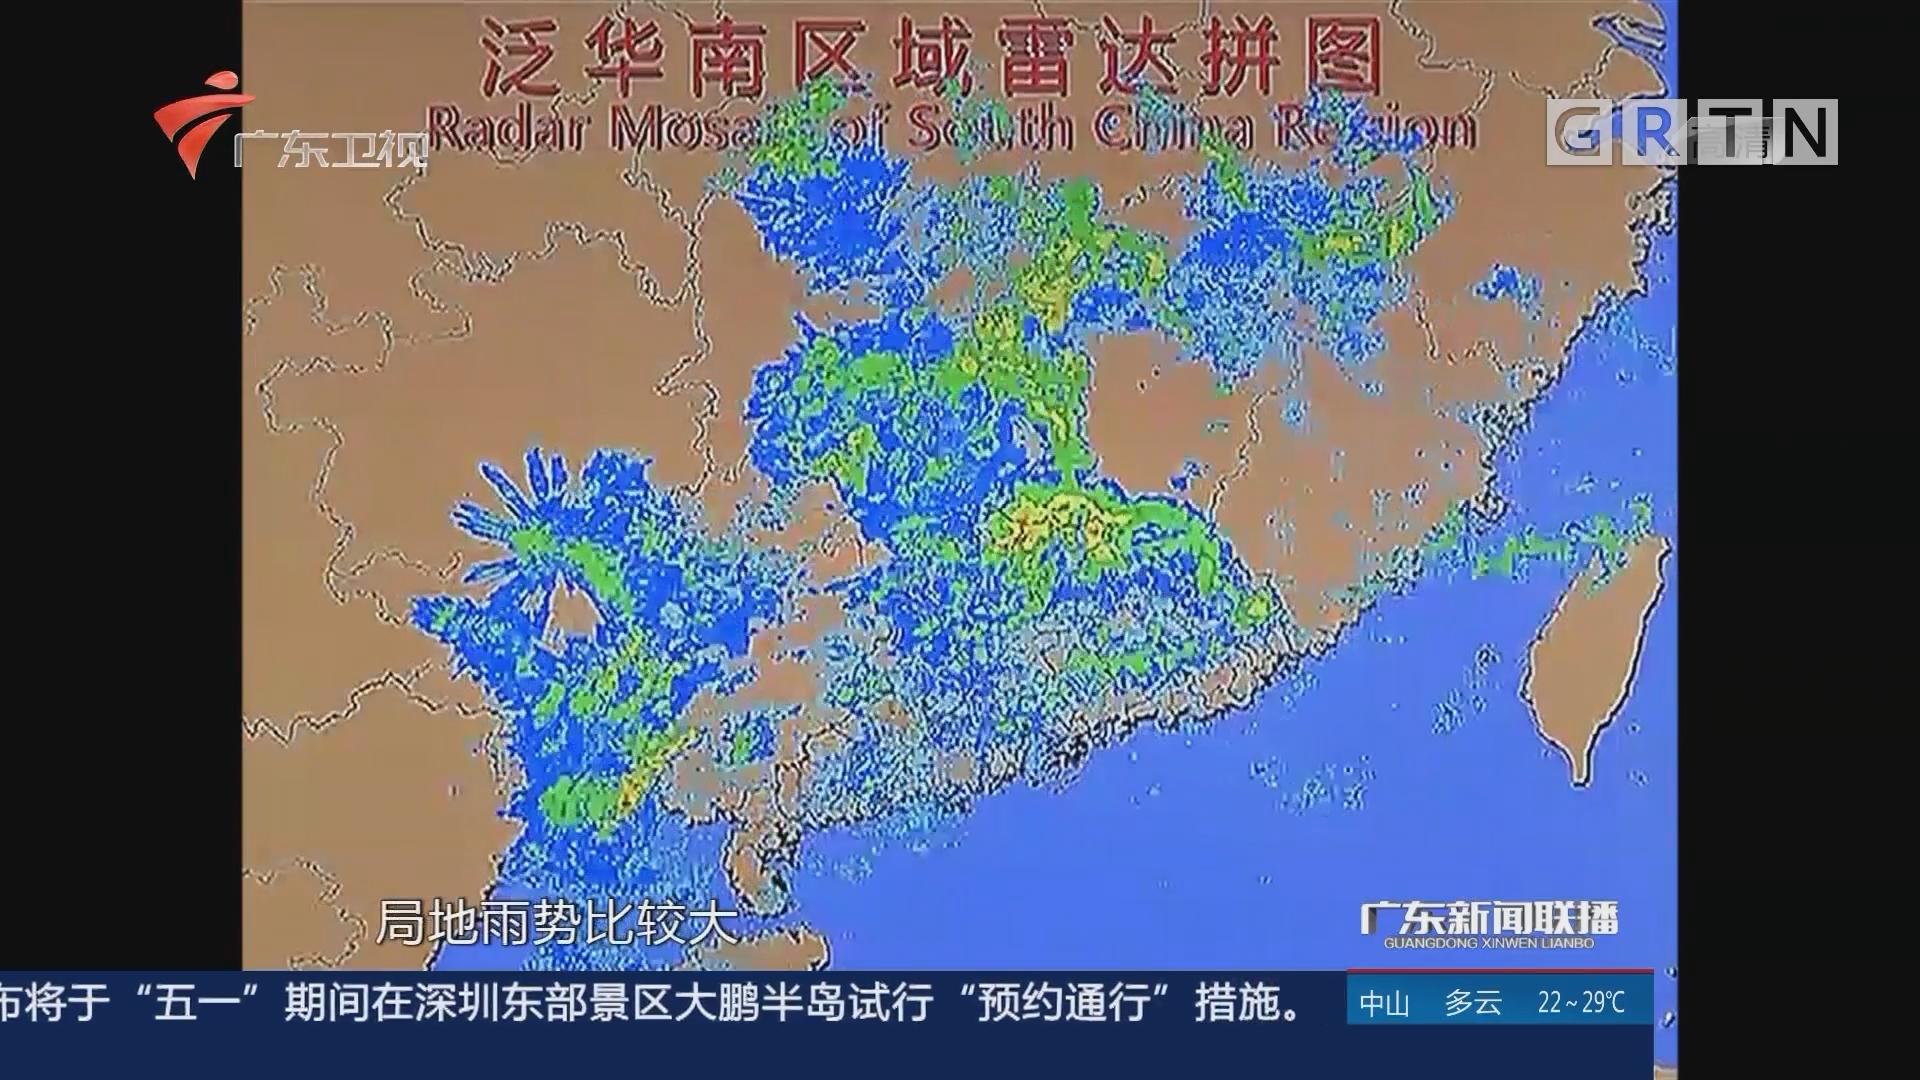 谷雨时节雨纷纷 下周广东有强降雨和雷电